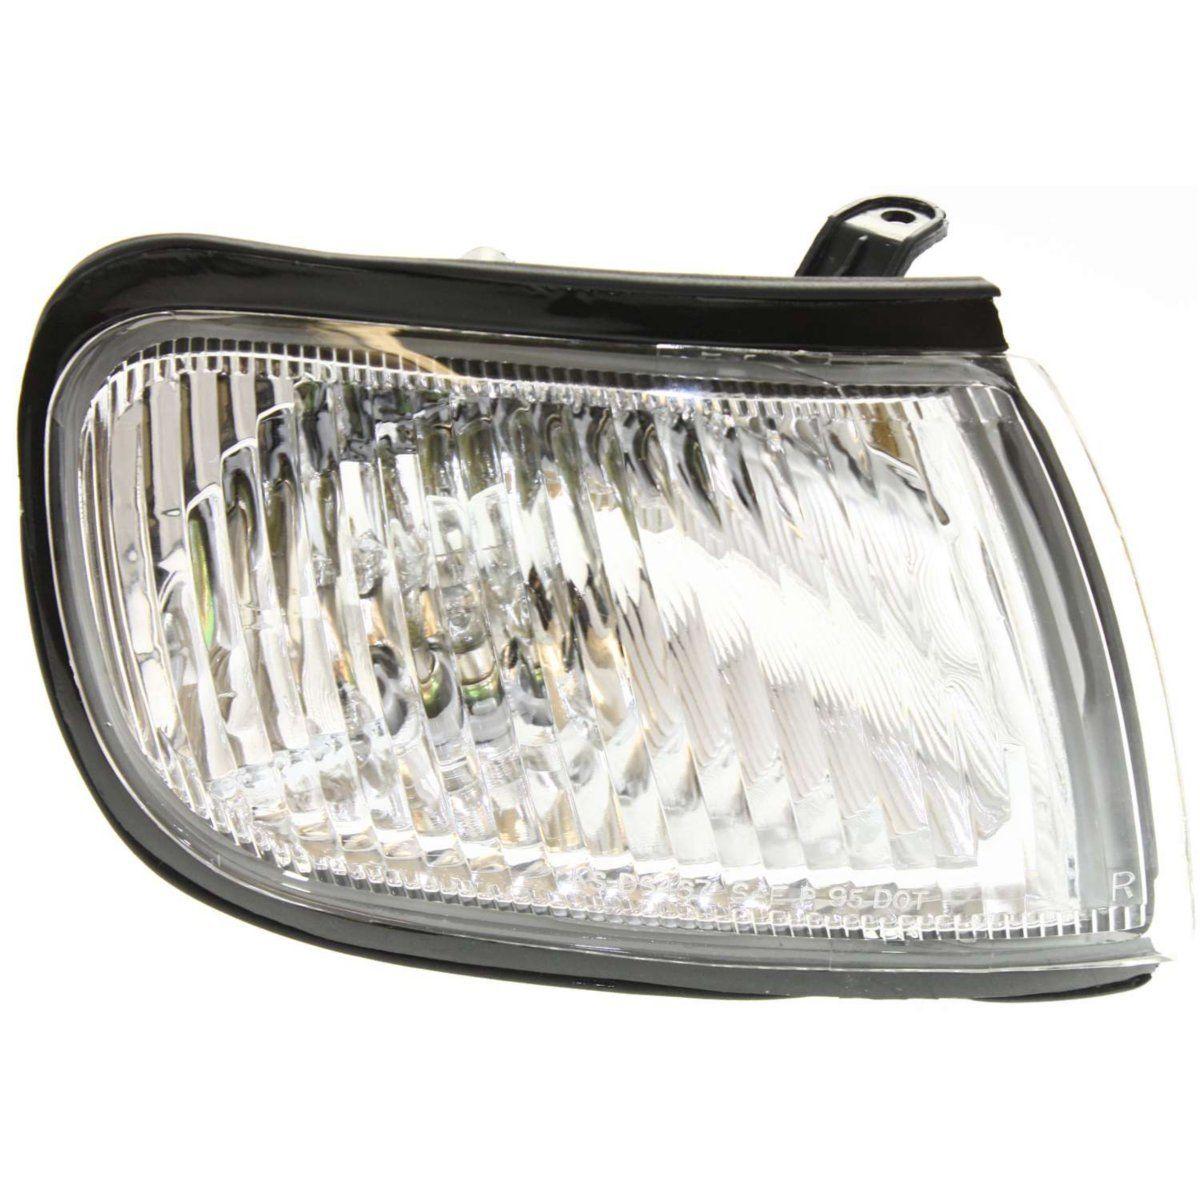 コーナーライト Corner Light For 97-99 Nissan Maxima Passenger Side w/ Bulb コーナーライト97-99日産マキシマの乗用車のw /電球